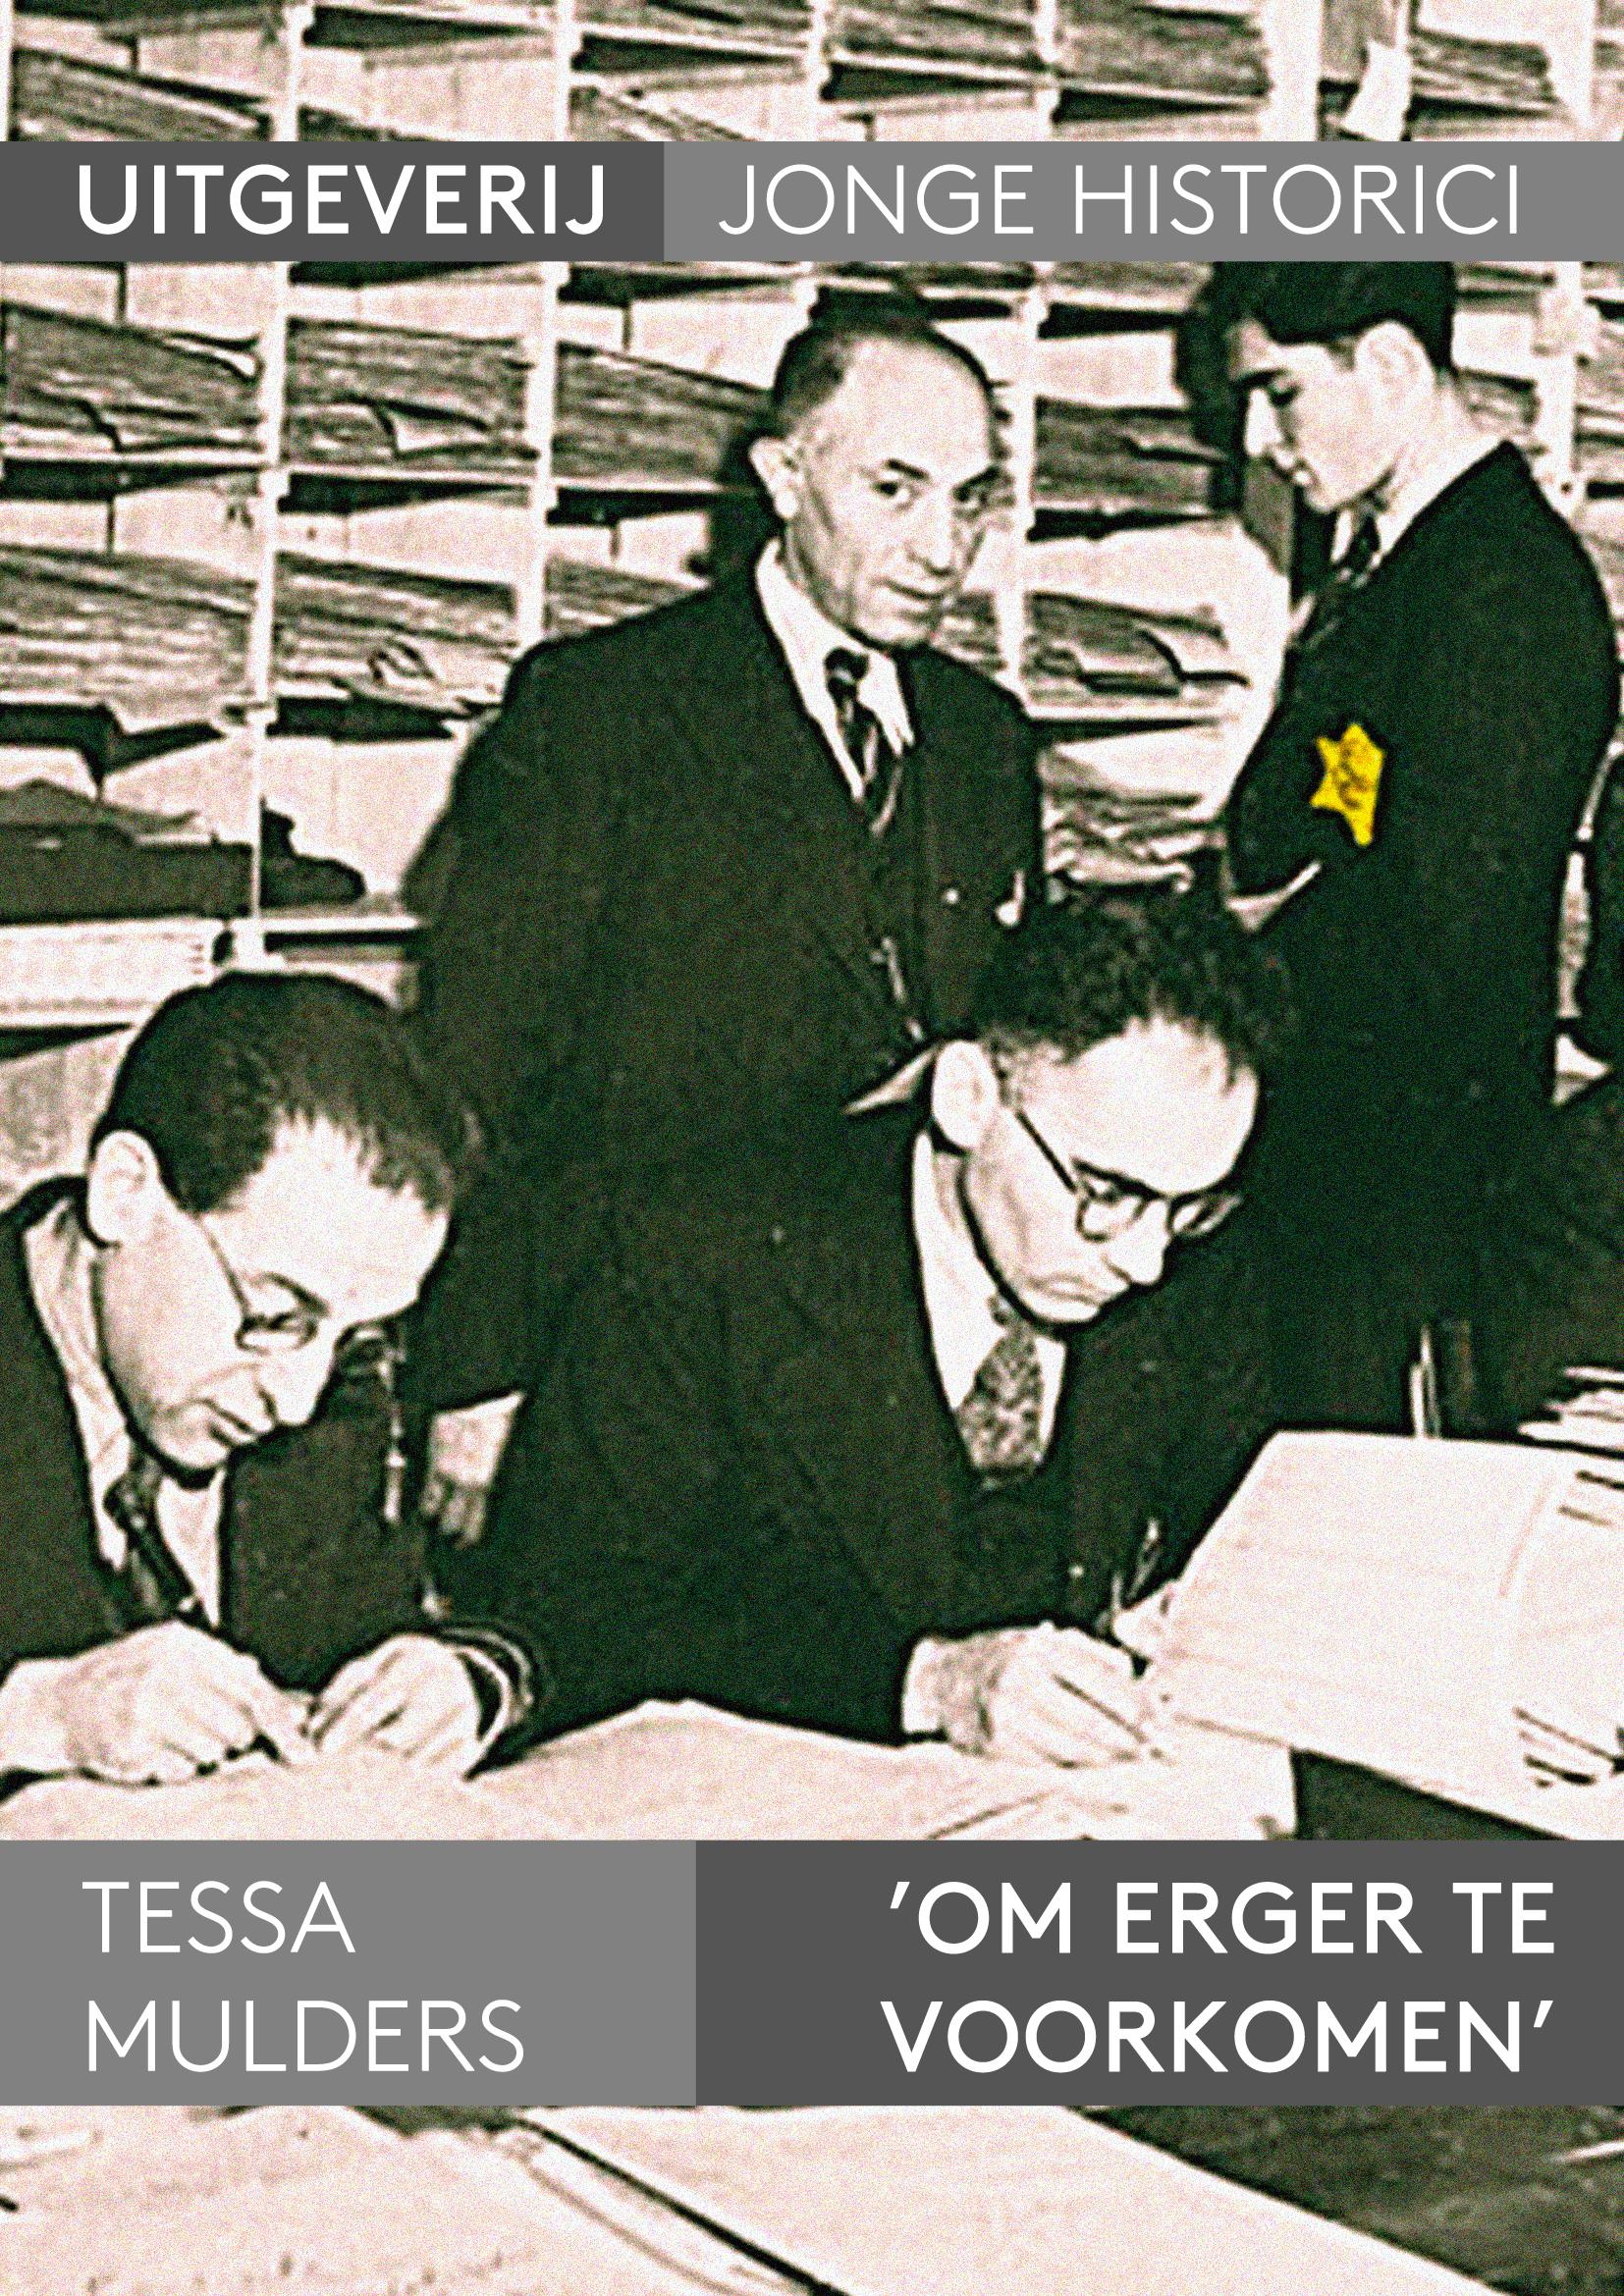 Tessa Mulders, 'Om erger te voorkomen' De legitimiteit en representatie van de Joodse Raad